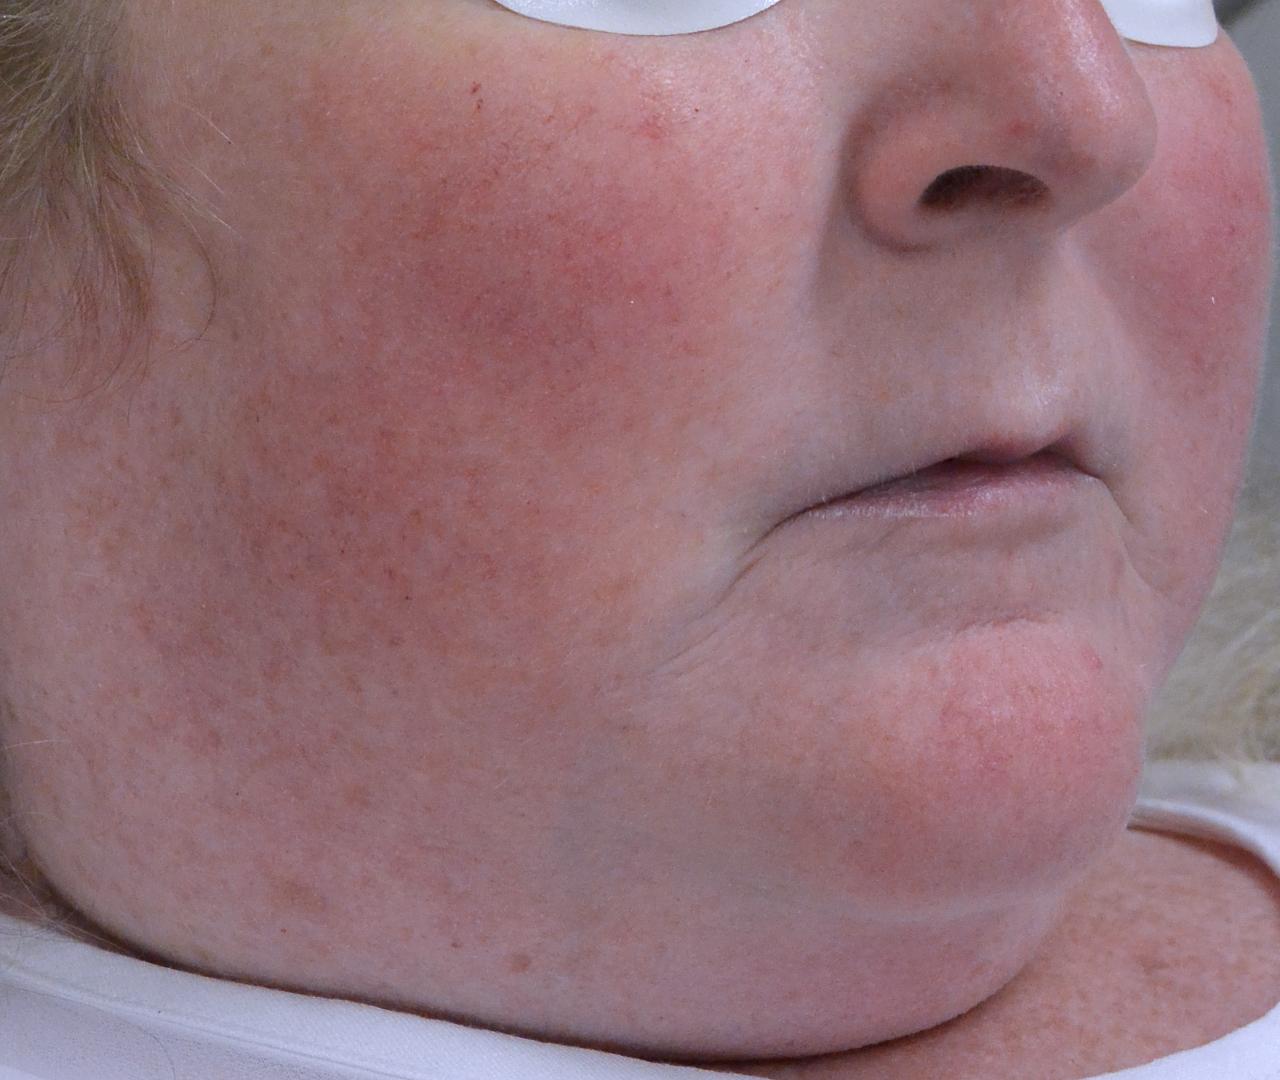 Vascular Lasers for Redness & Veins Vbeam 4